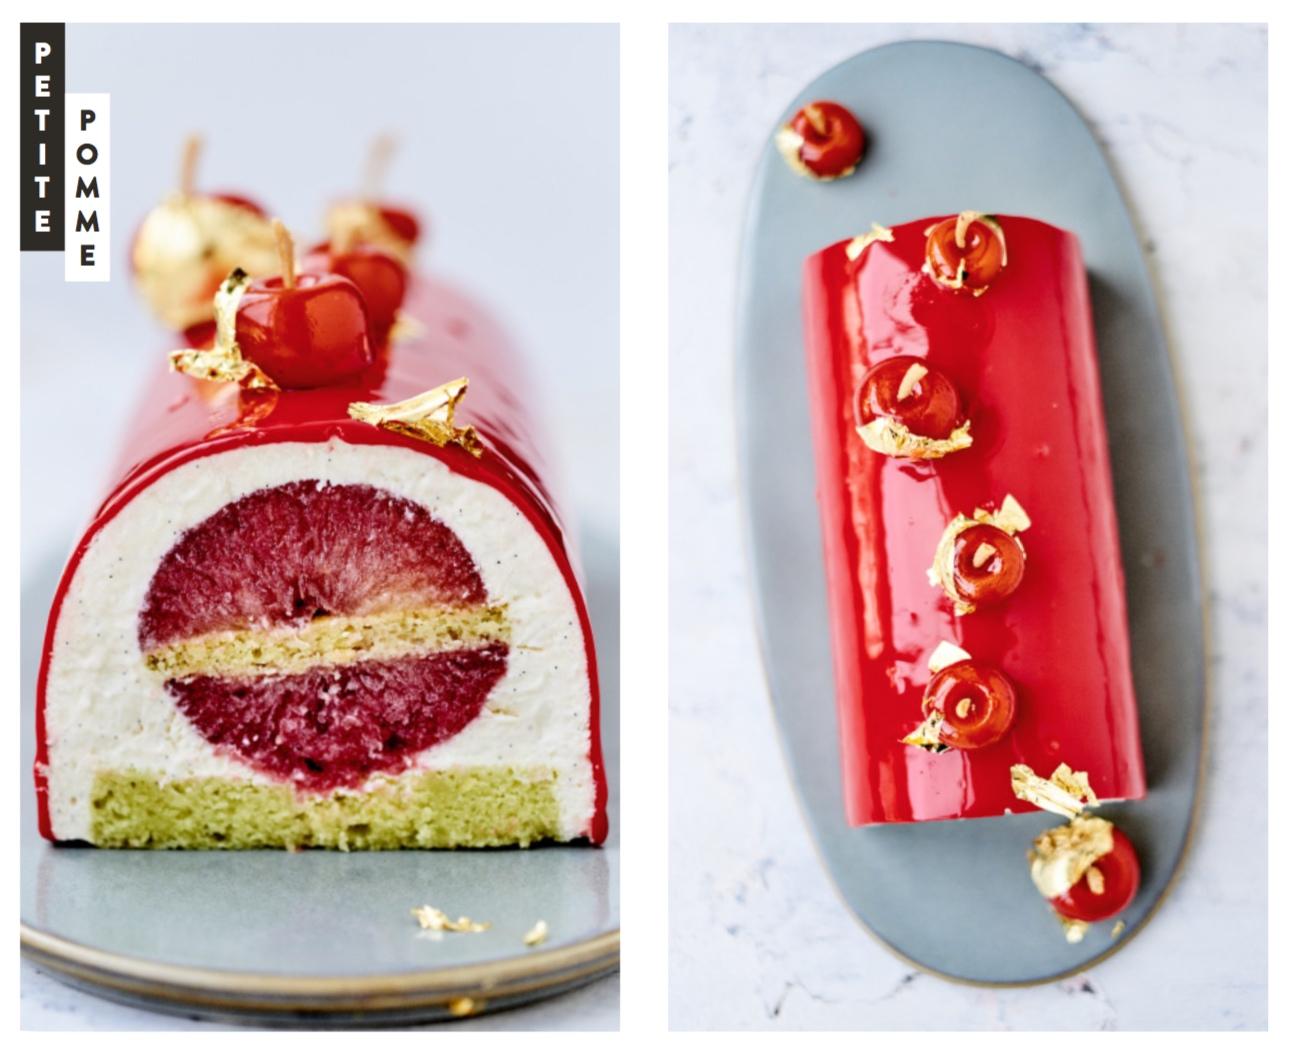 Tasty Life Magazine lifestyle équilibré Christophe Felder Camille Lesecq pâtisserie livres bûche Petite Pomme